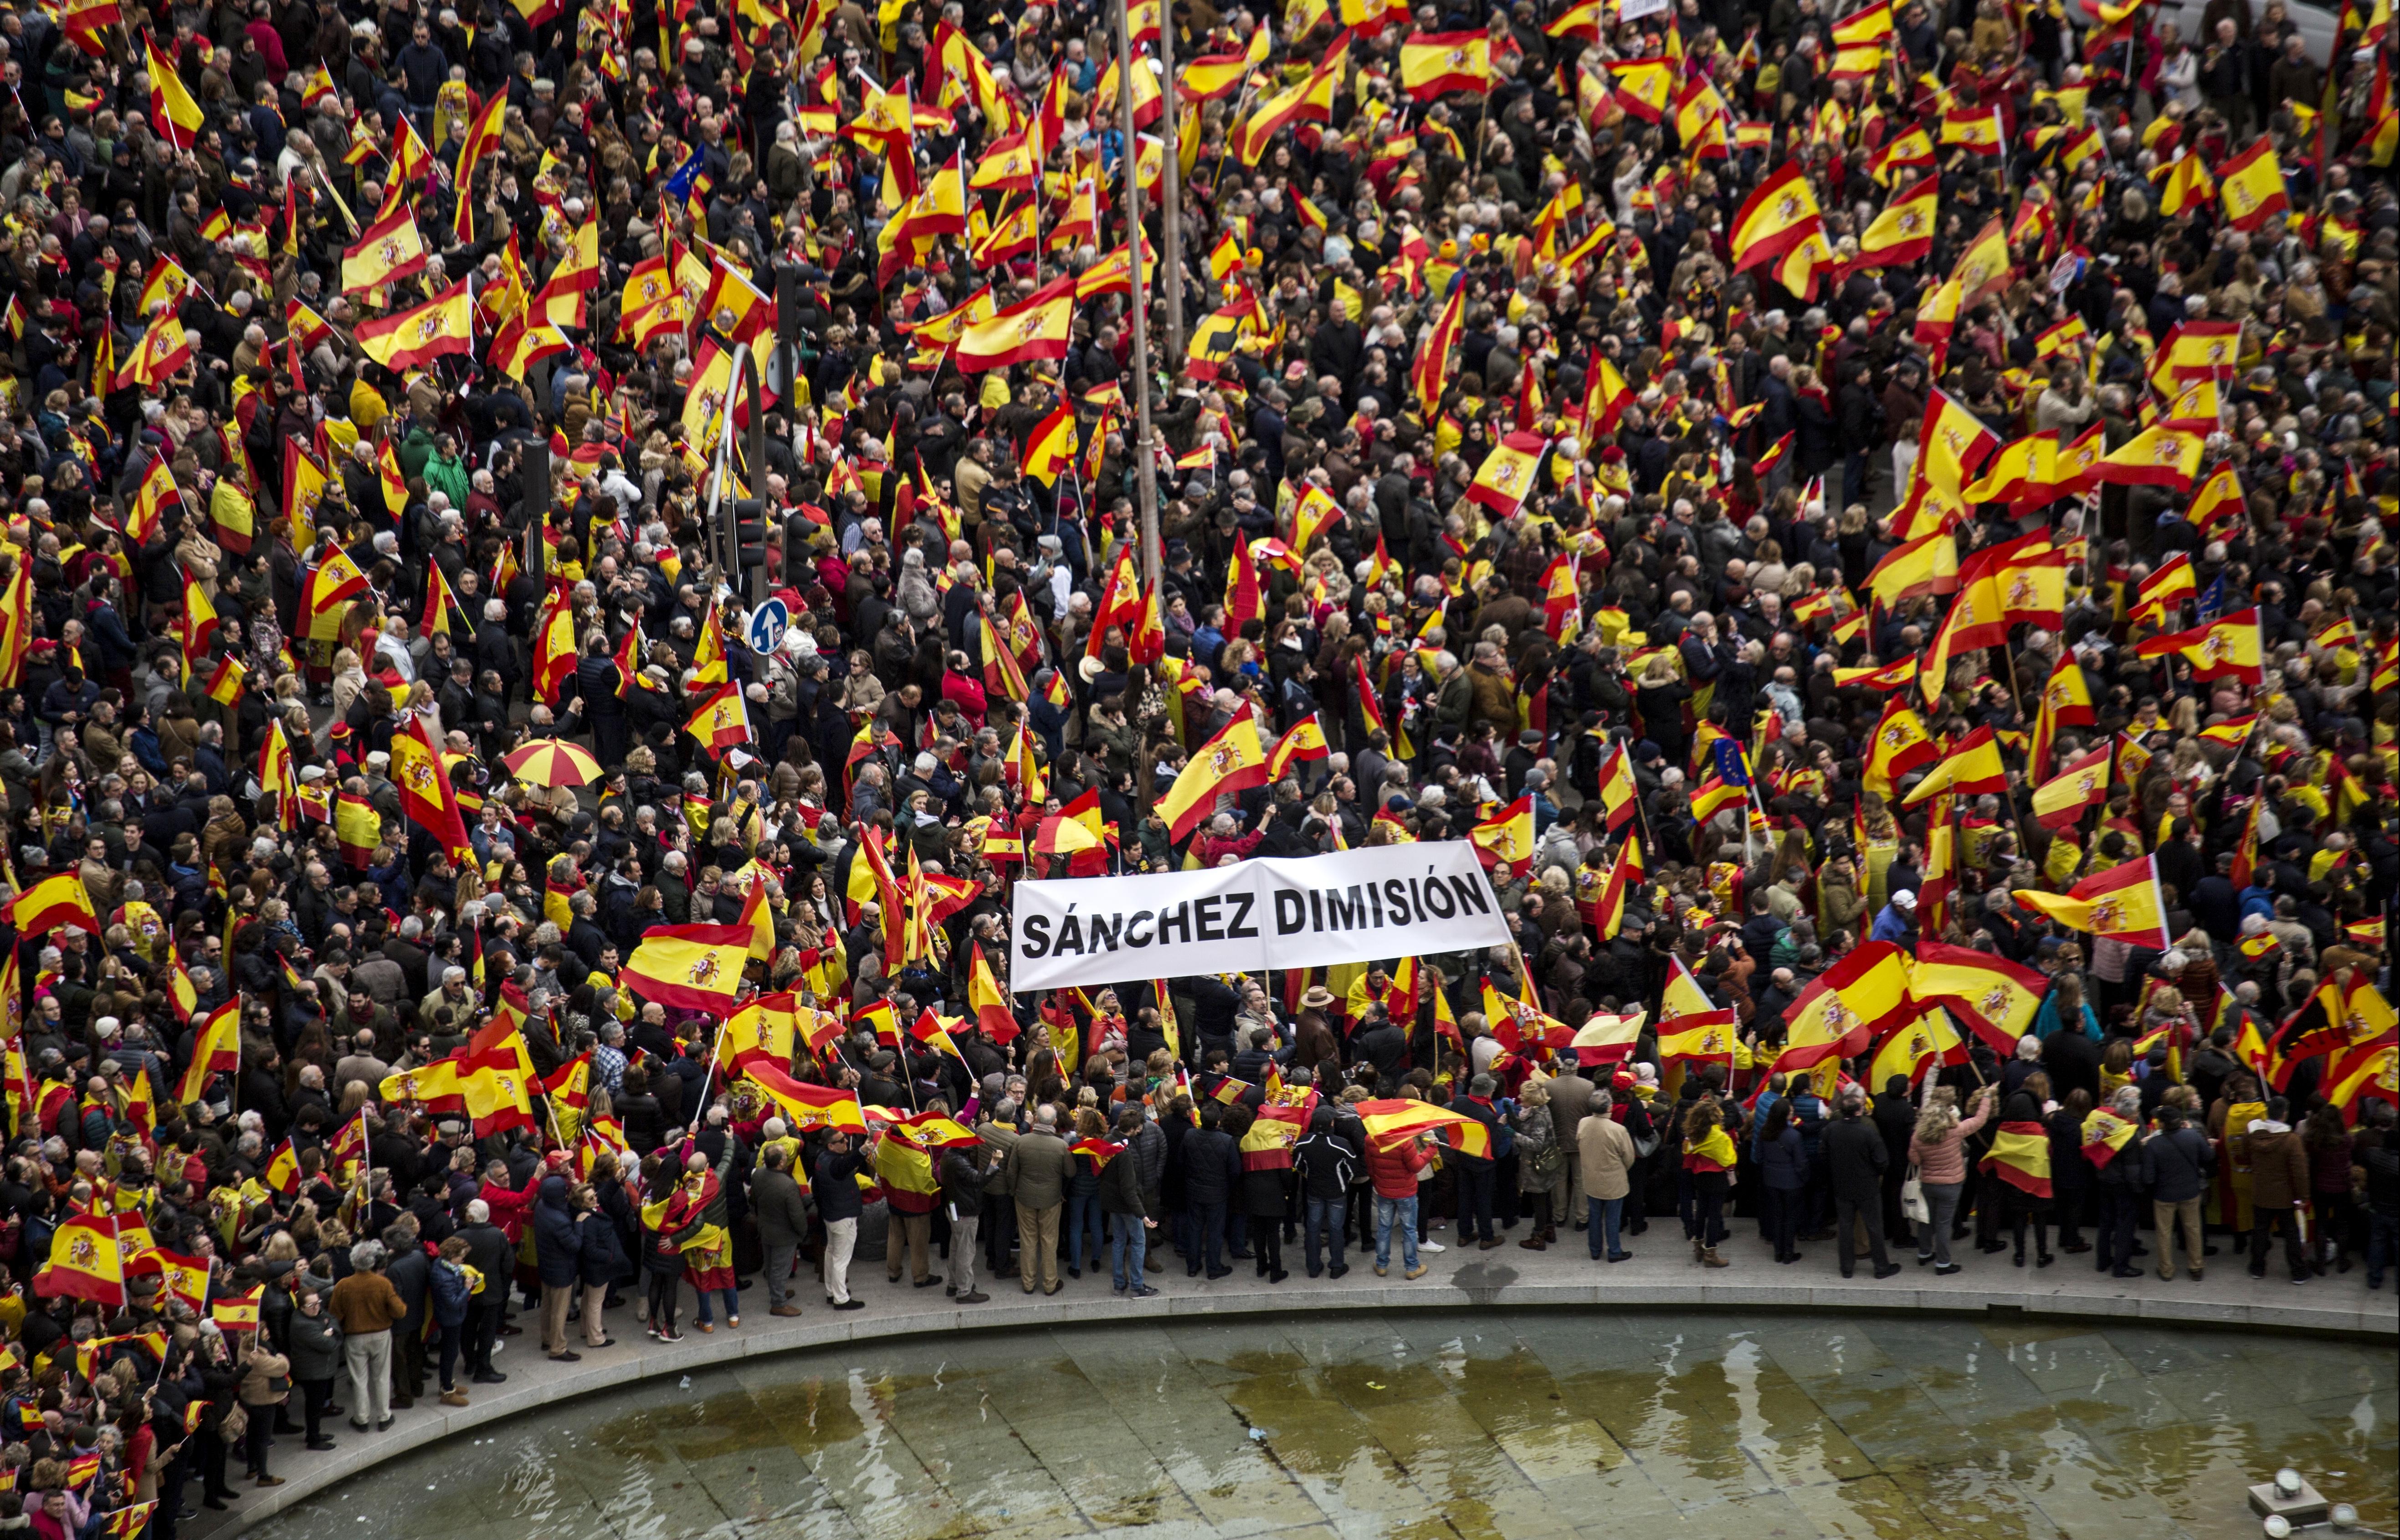 Több tízezren követelték új választások kiírását Madridban